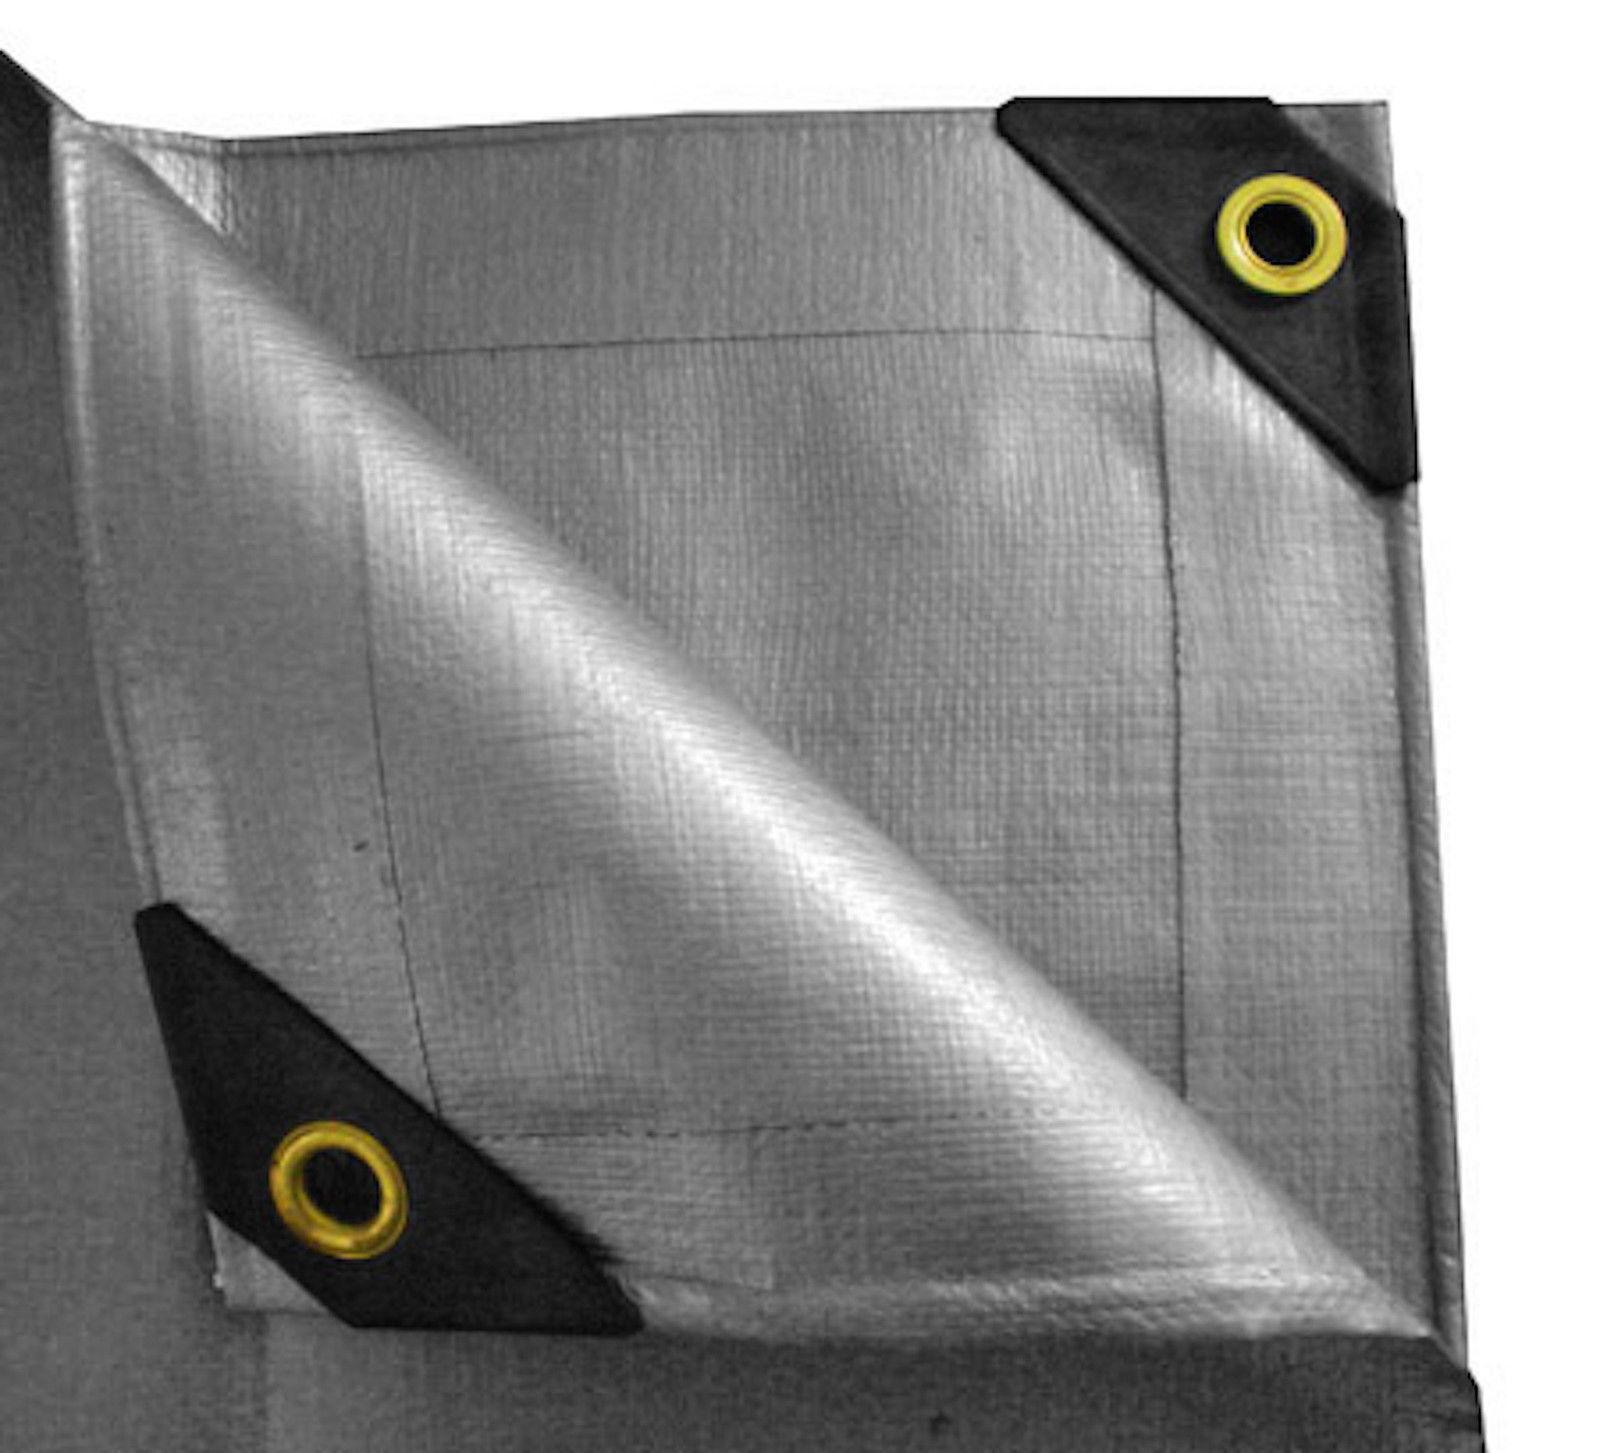 12 mil heavy duty canopy tarp silver